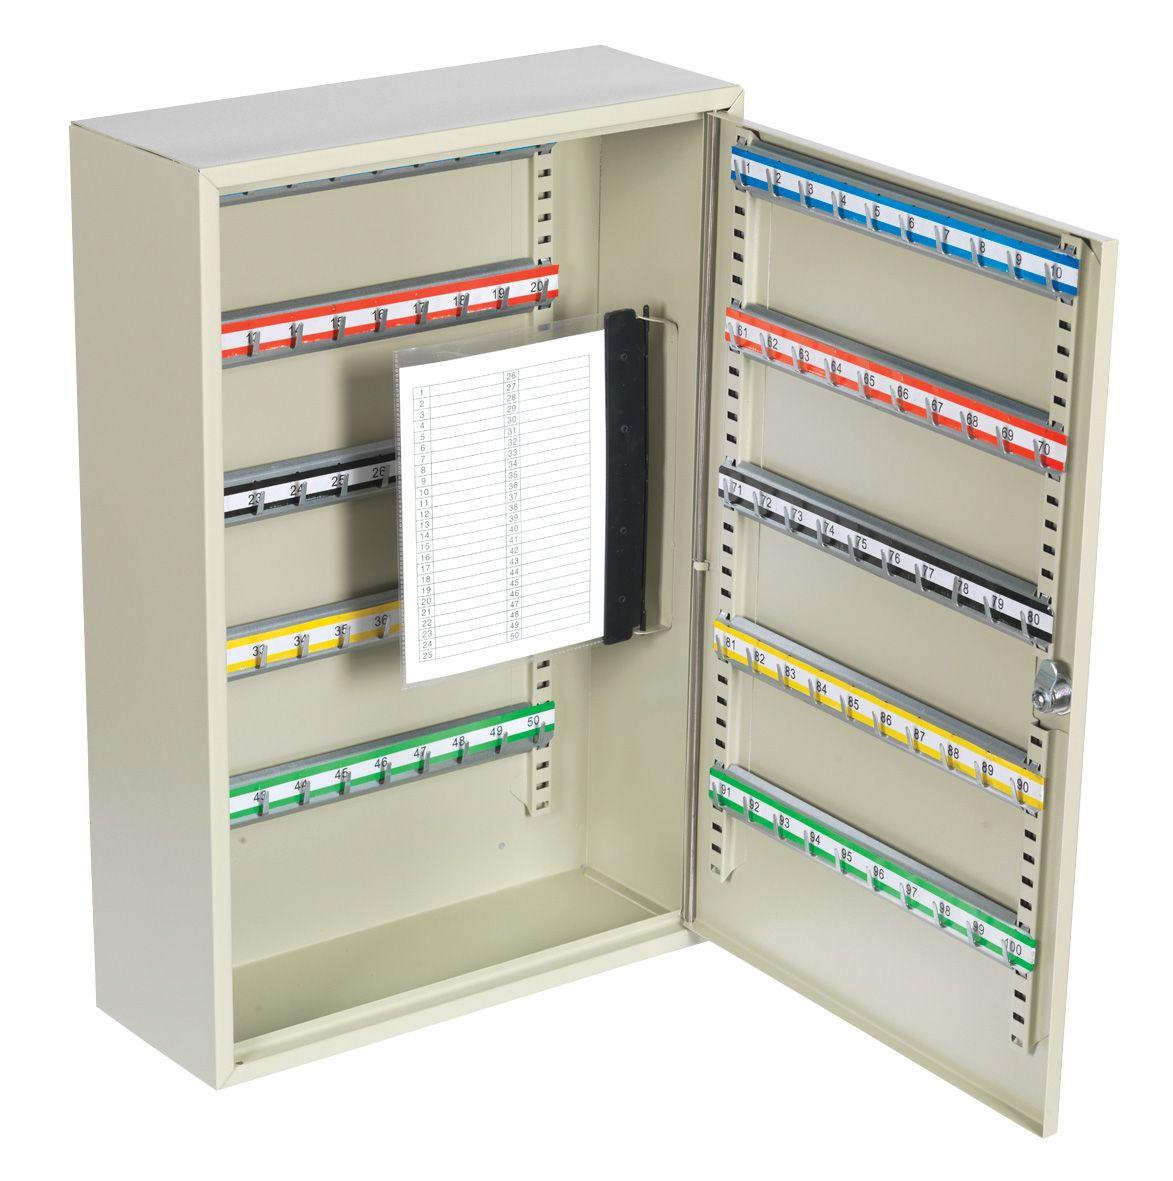 Sealey Key Cabinet 100 Key Capacity Deep